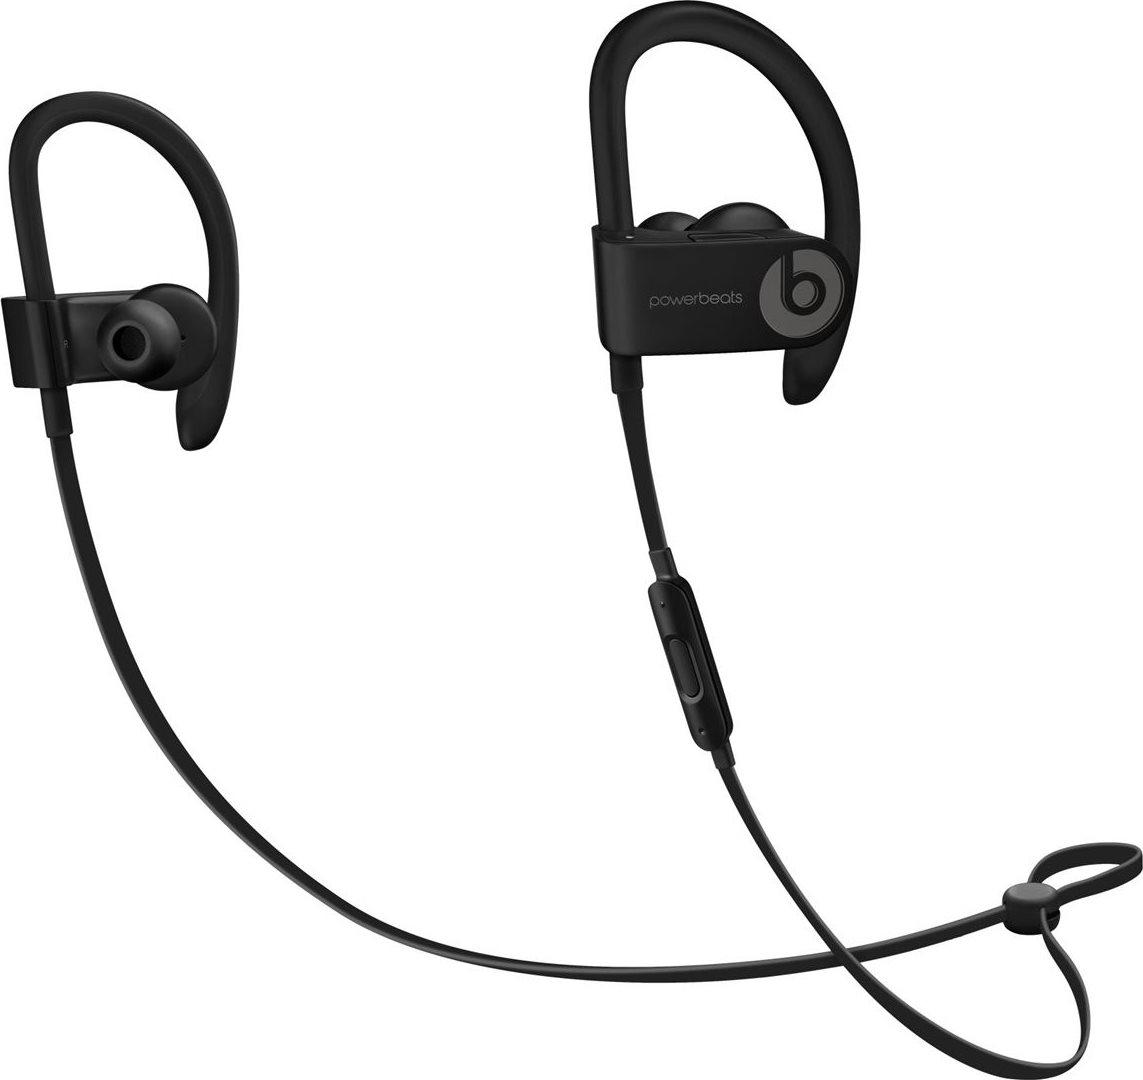 Beats Solo 3 Wireless Cuffie Beats Bluetooth con Microfono ML8V2ZM A ... e05829a13ad8